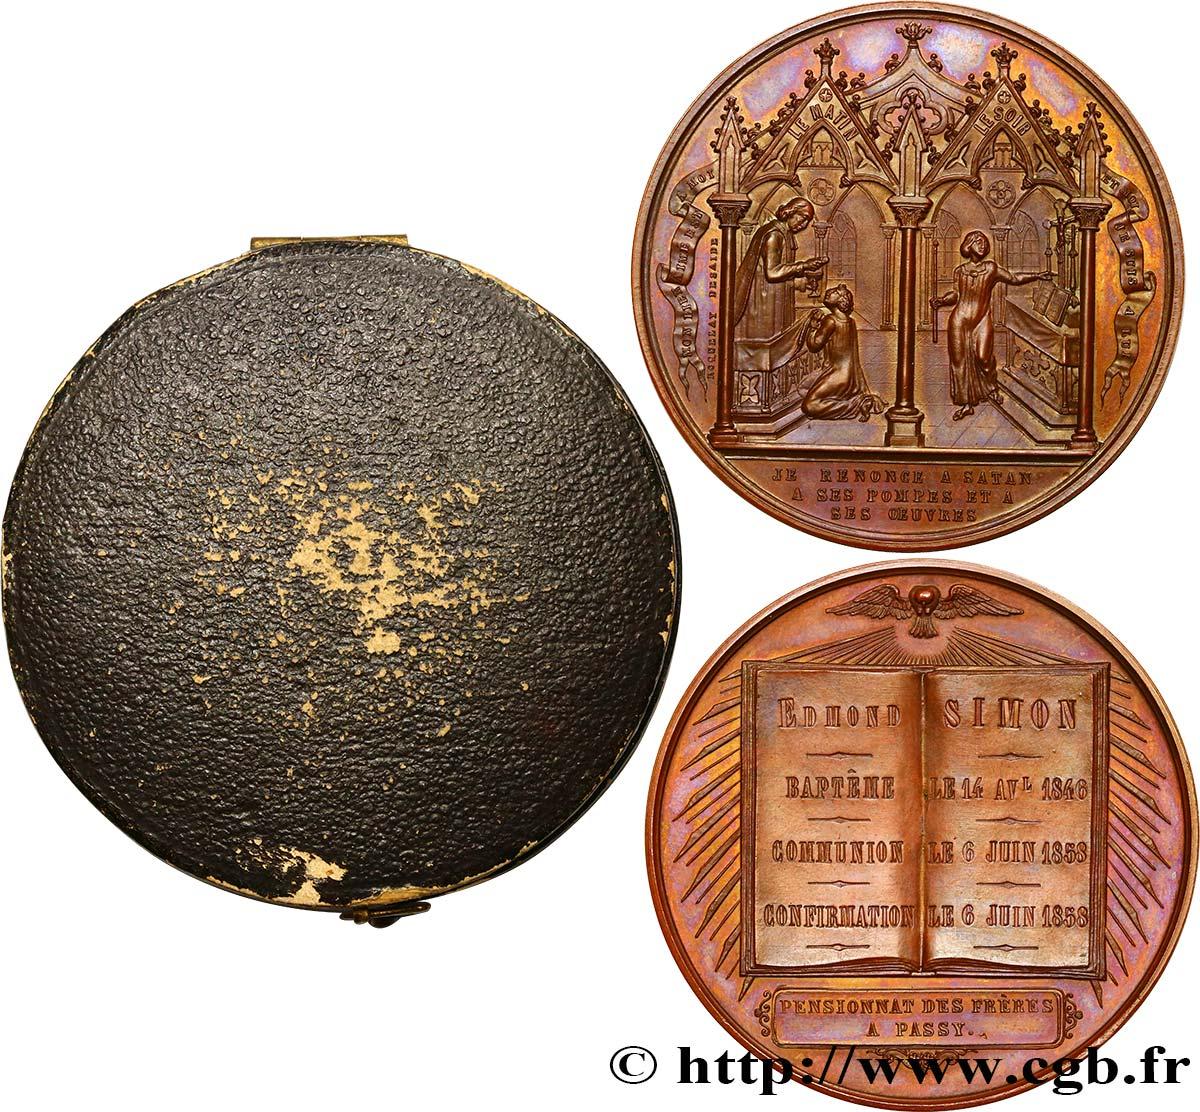 iii republic m daille de bapt me communion et confirmation fme 442051 medals. Black Bedroom Furniture Sets. Home Design Ideas